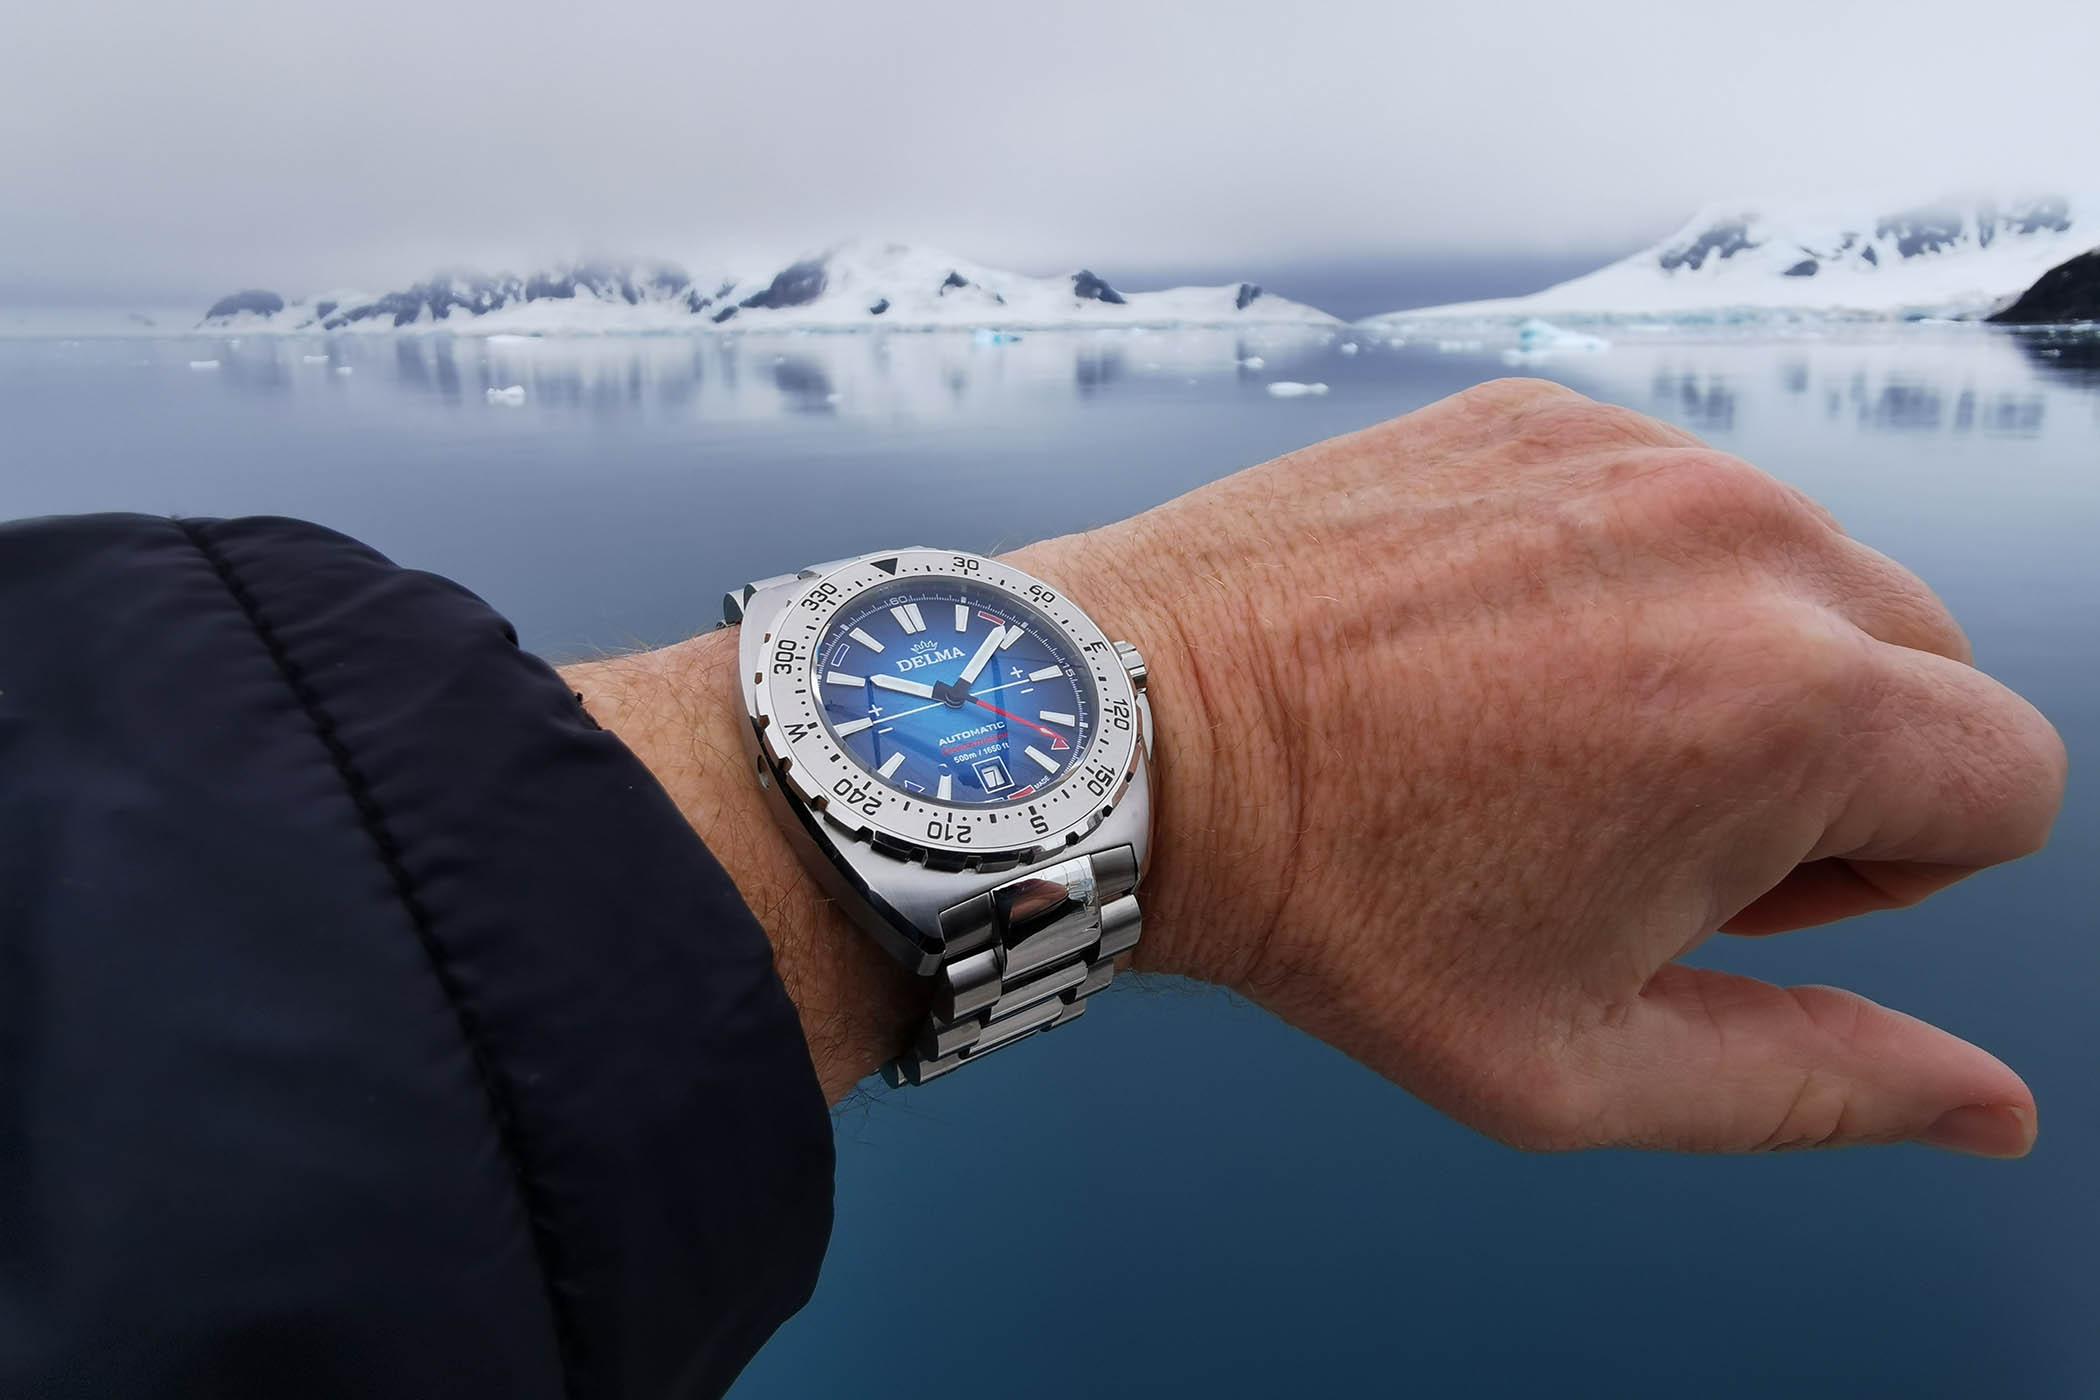 Delma Oceanmaster Antarctica Limited Edition - 11